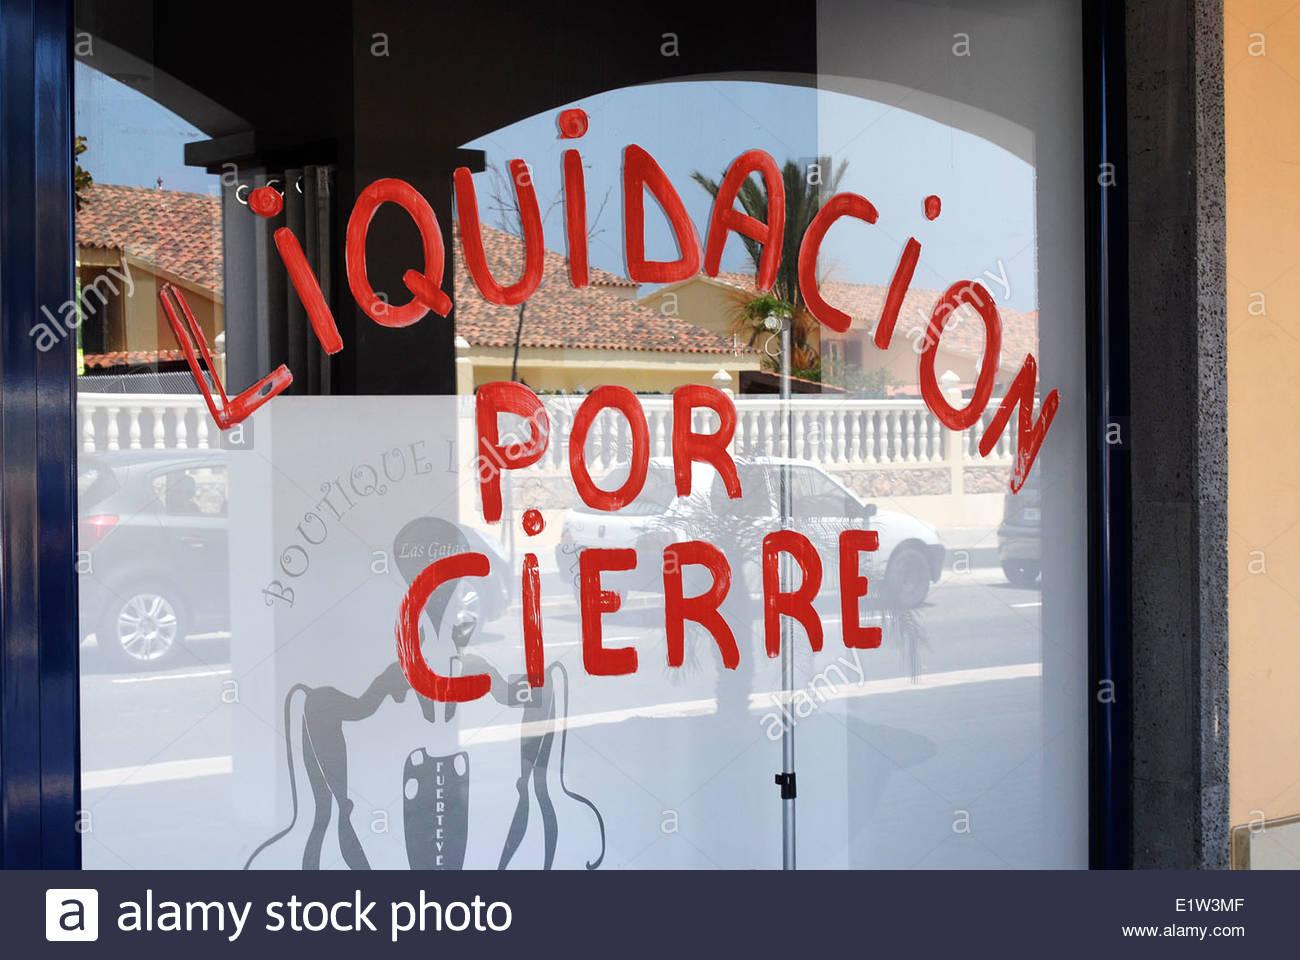 Shop closing down notice painted in window El Campanario Shopping Centre Corralejo Fuerteventura - Stock Image